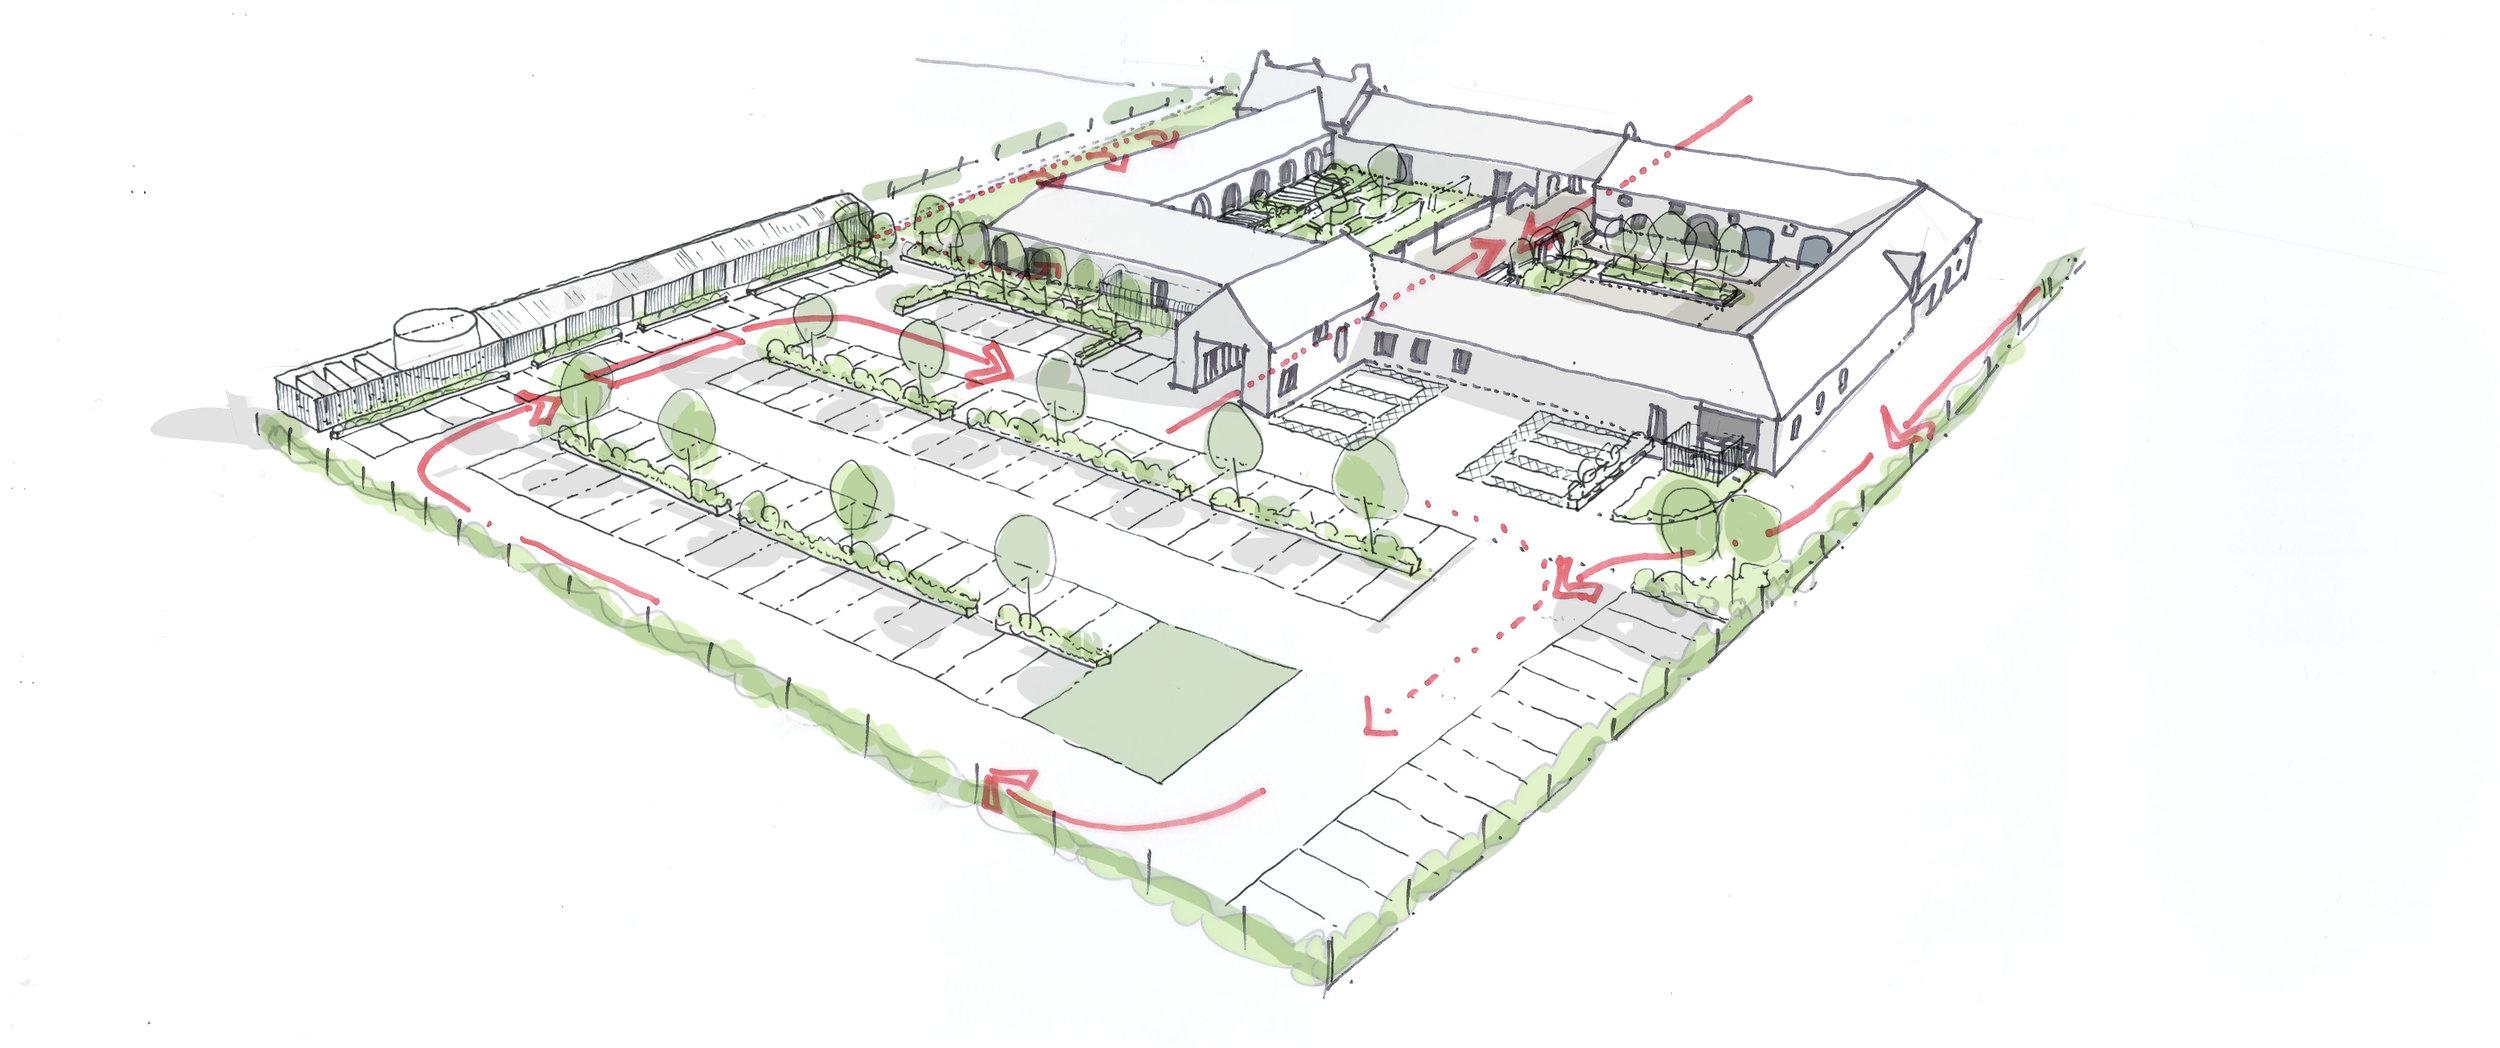 170907 parking diagram.jpg